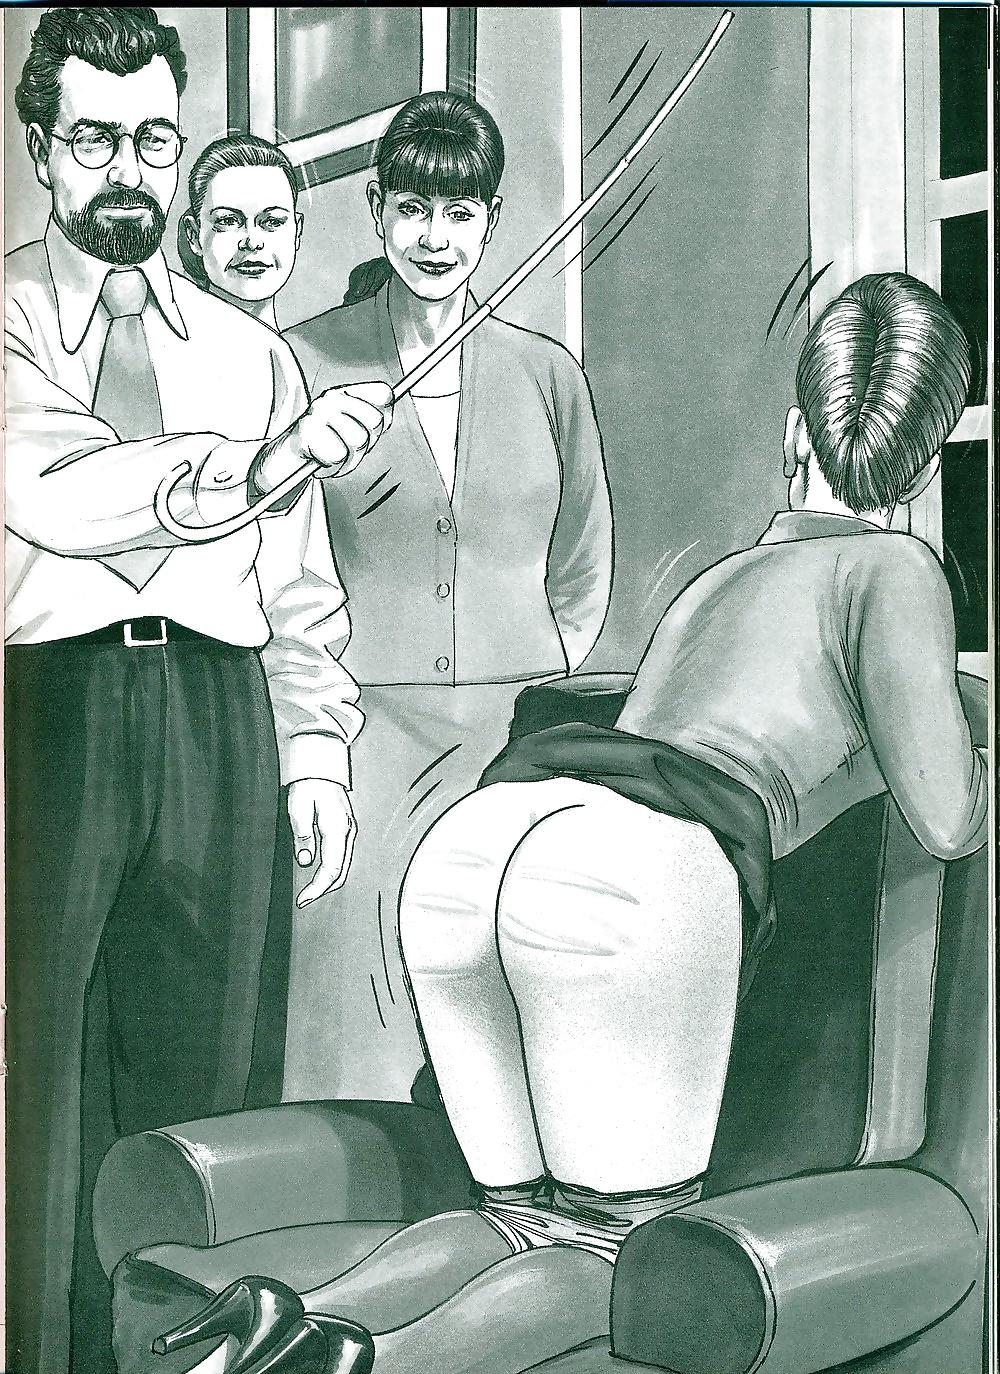 spank-wire-worst